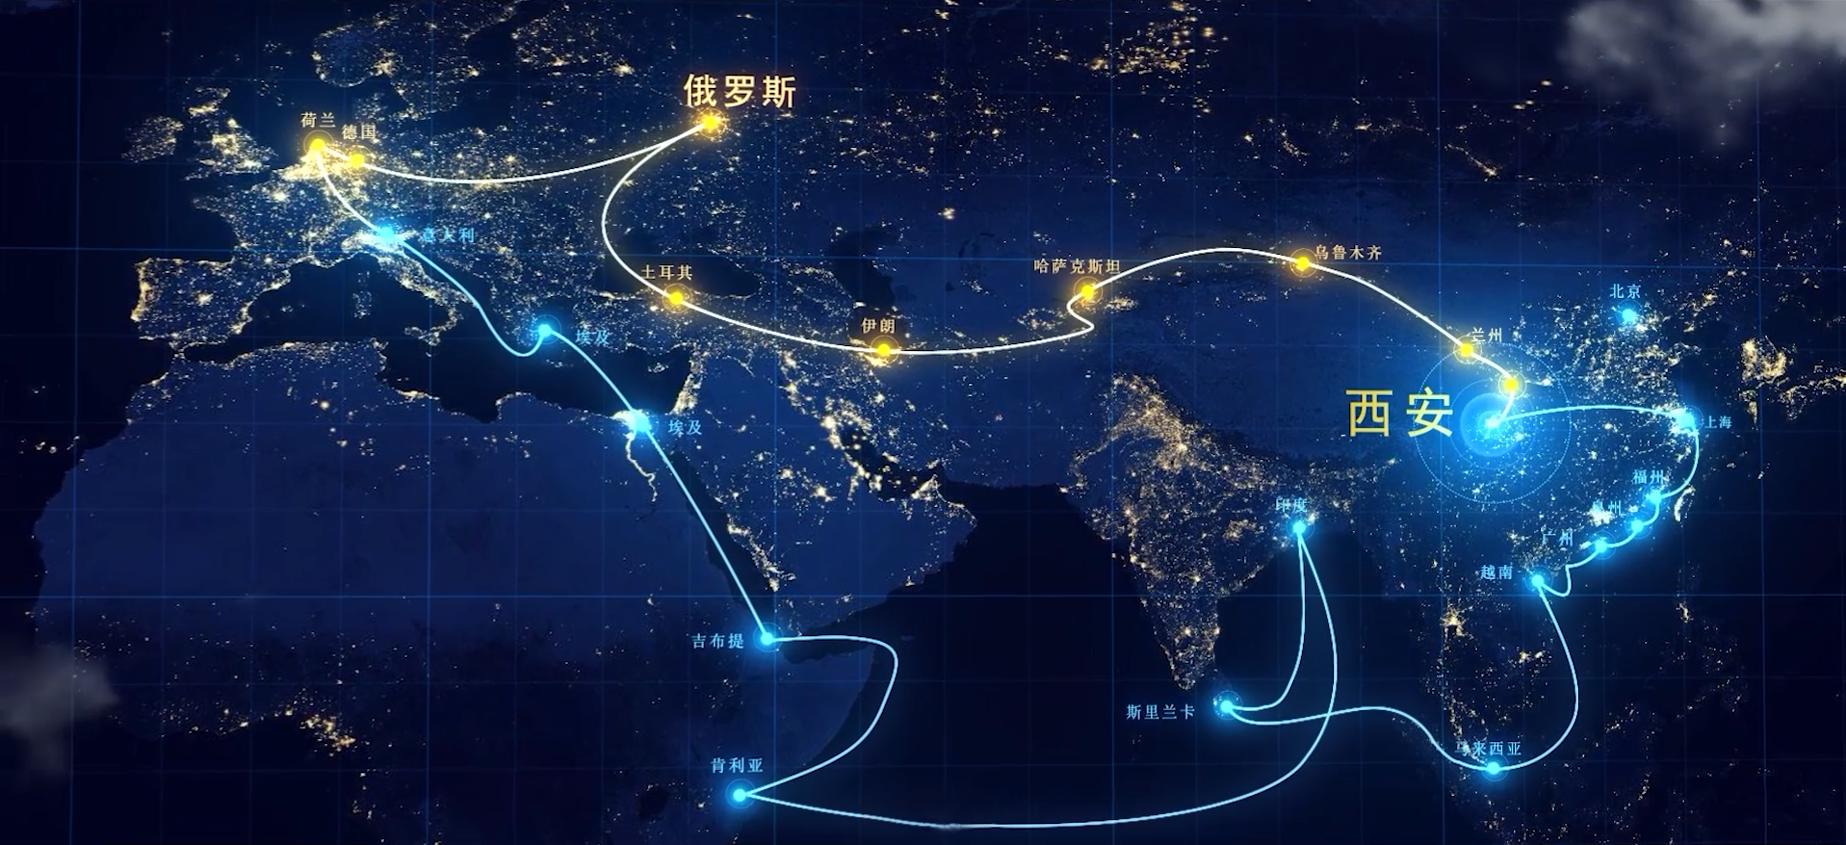 一帶一路 跨境貿易 俄羅斯 國際物流 外貿 絲綢之路 跨境電商